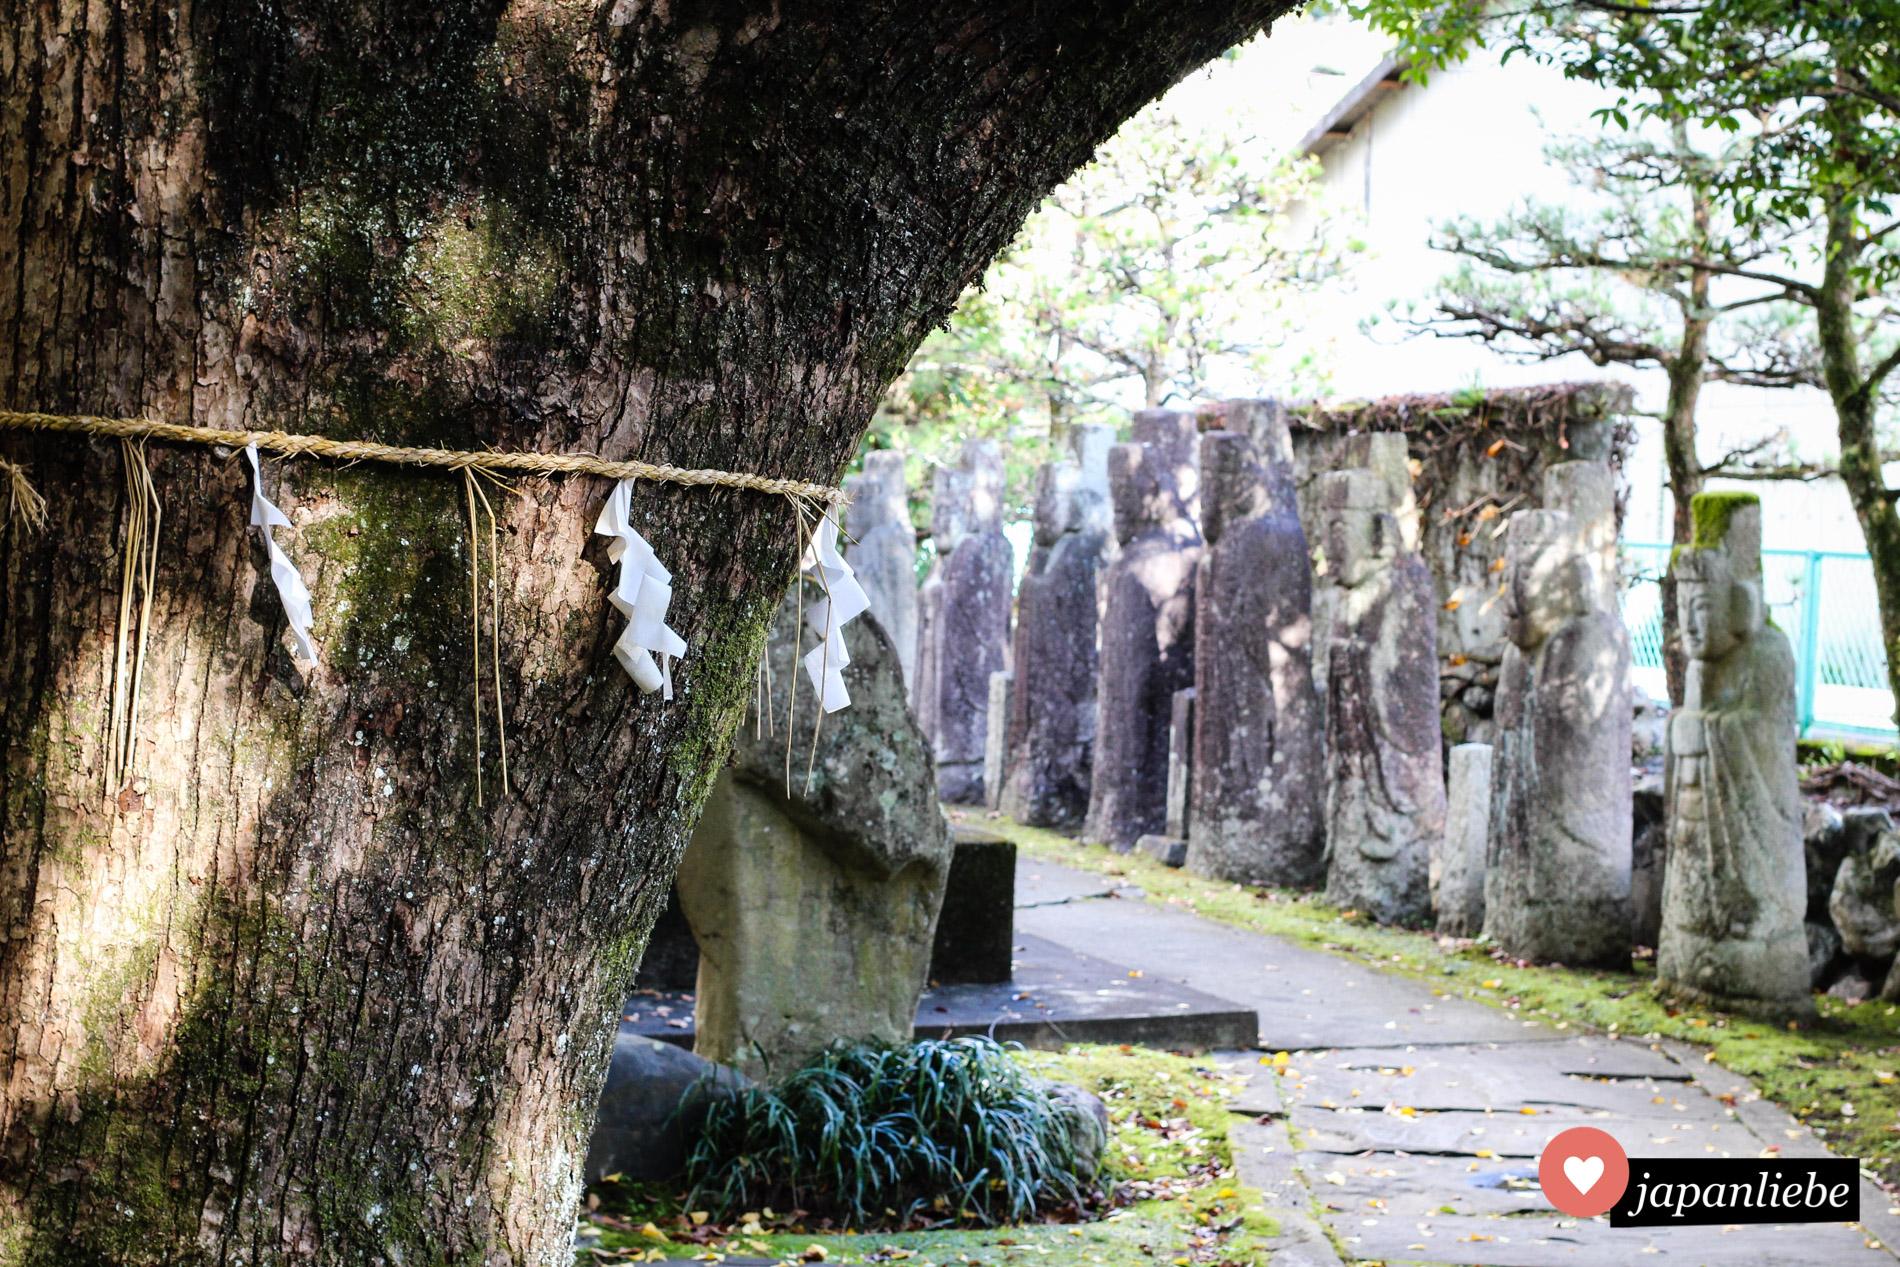 Ein als heilig markierter Baum und Steinstatuen am Taga-Schrein in Uwajima.